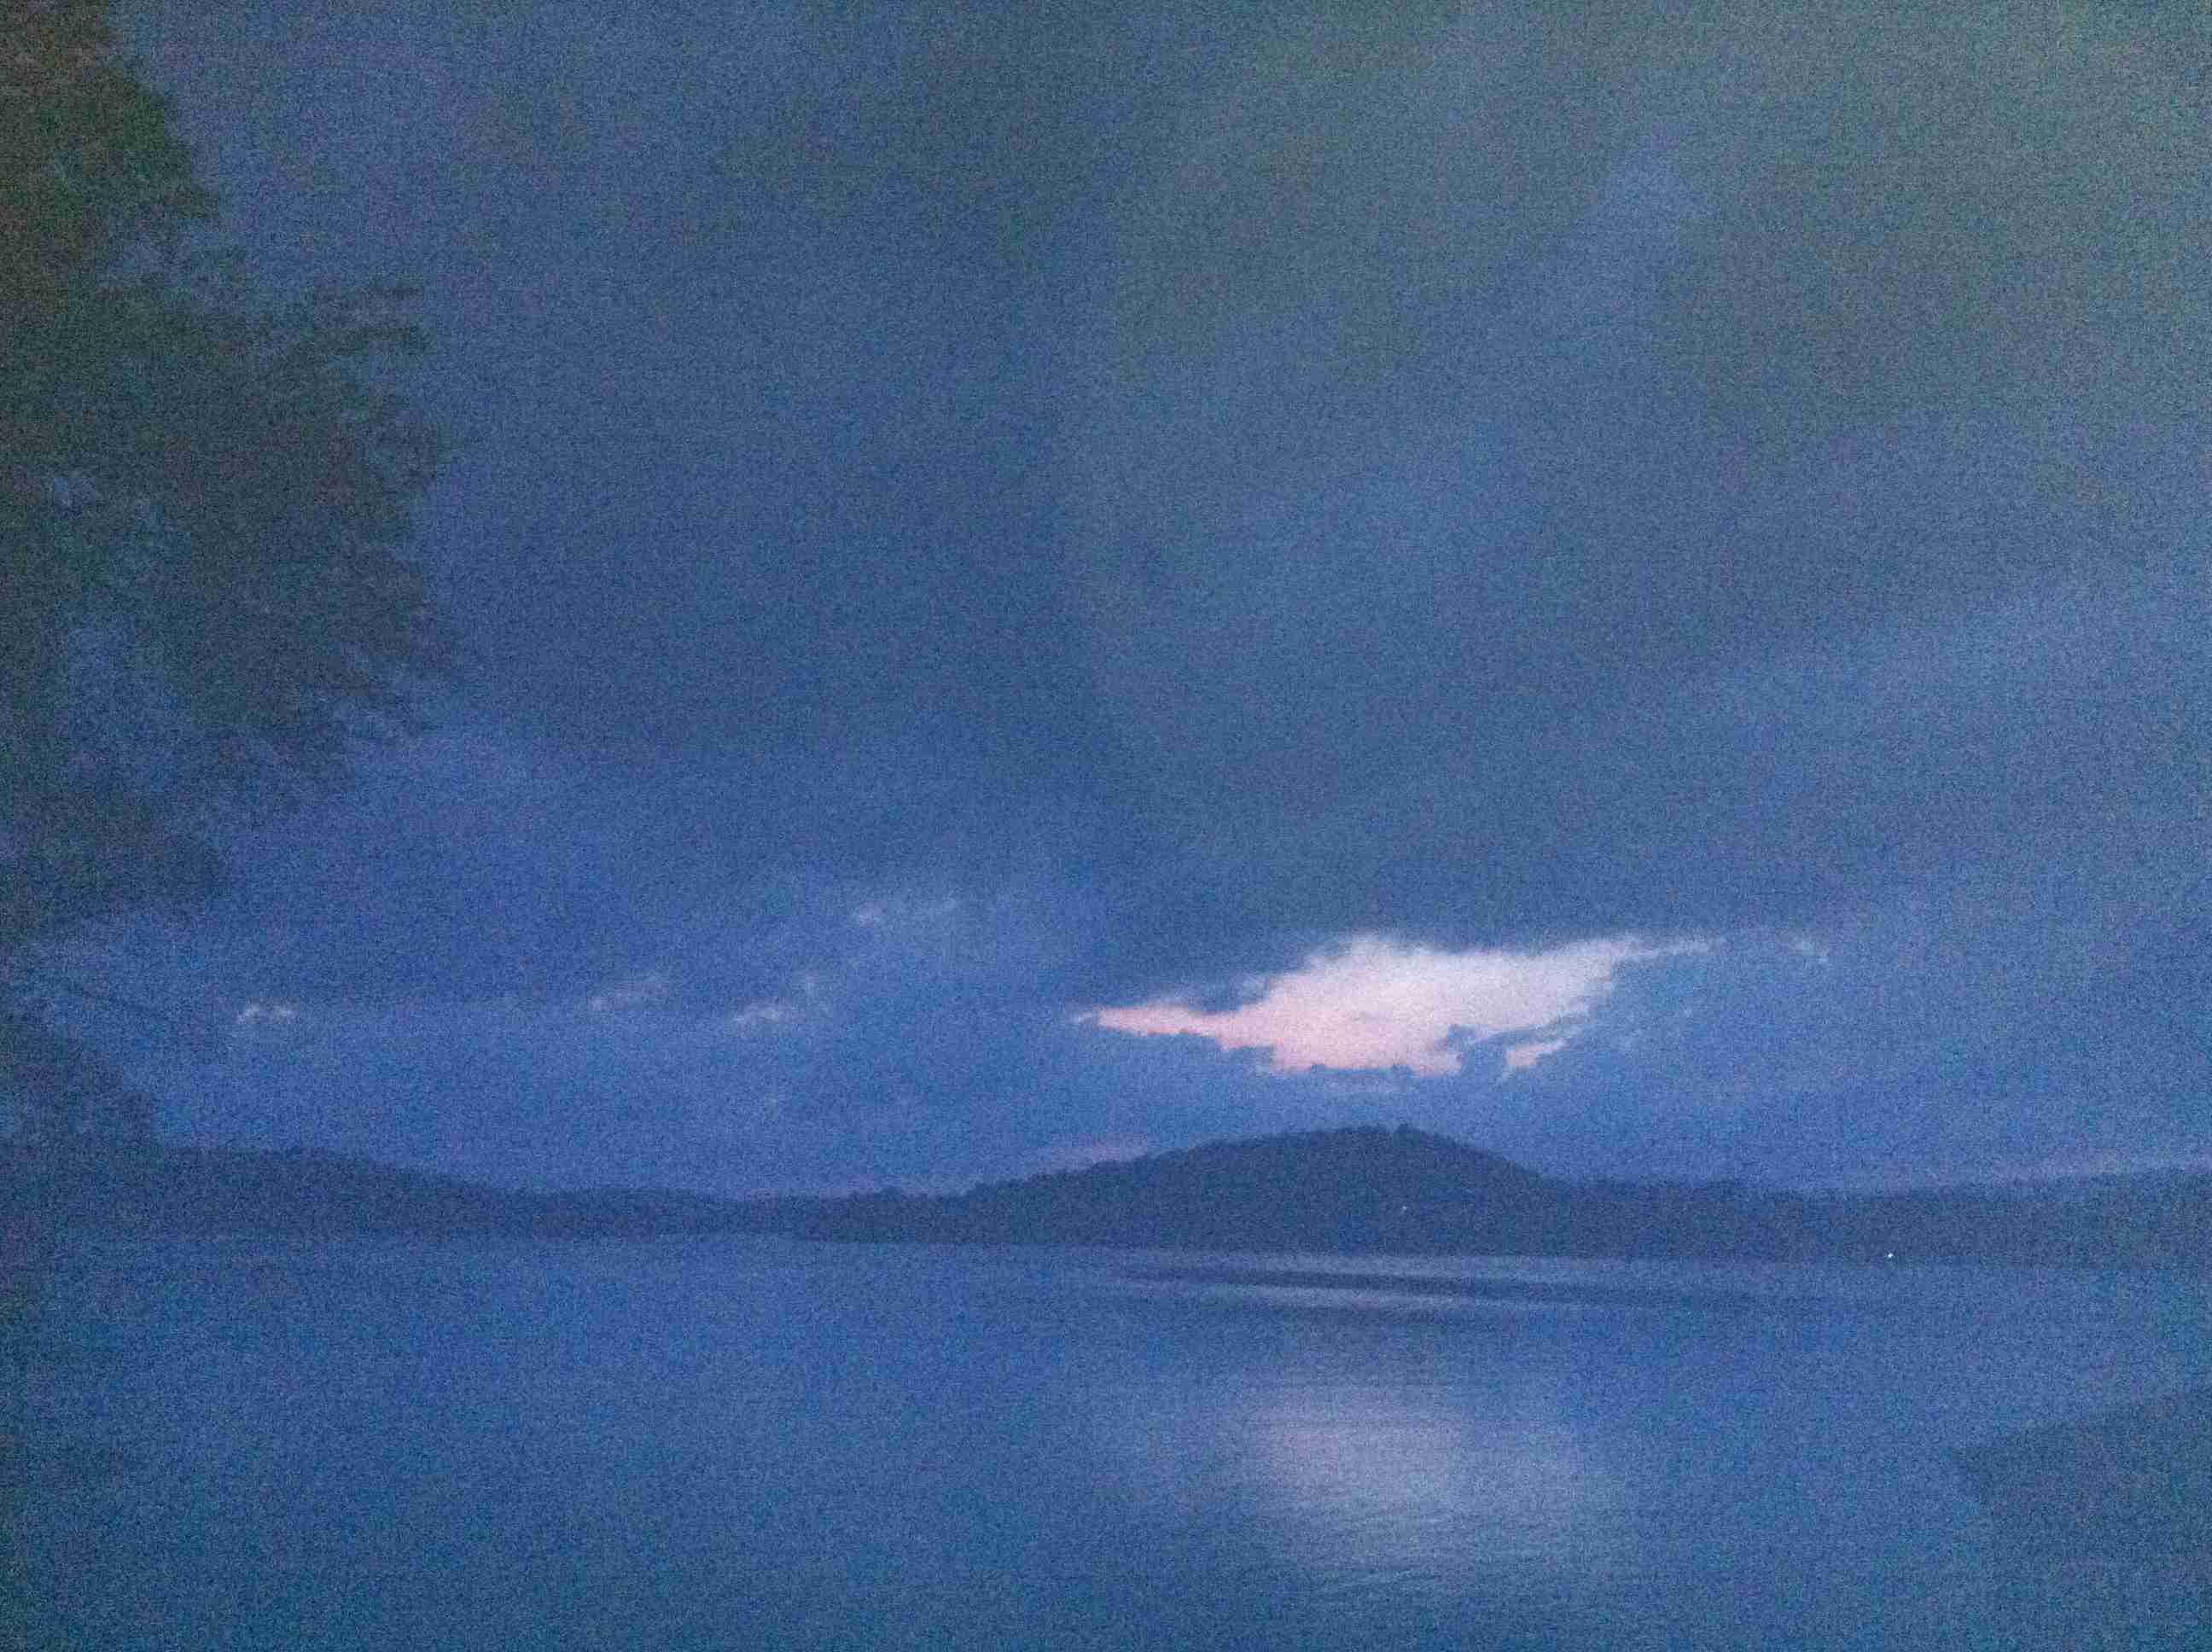 Night Sky Over Lake In North Georgia